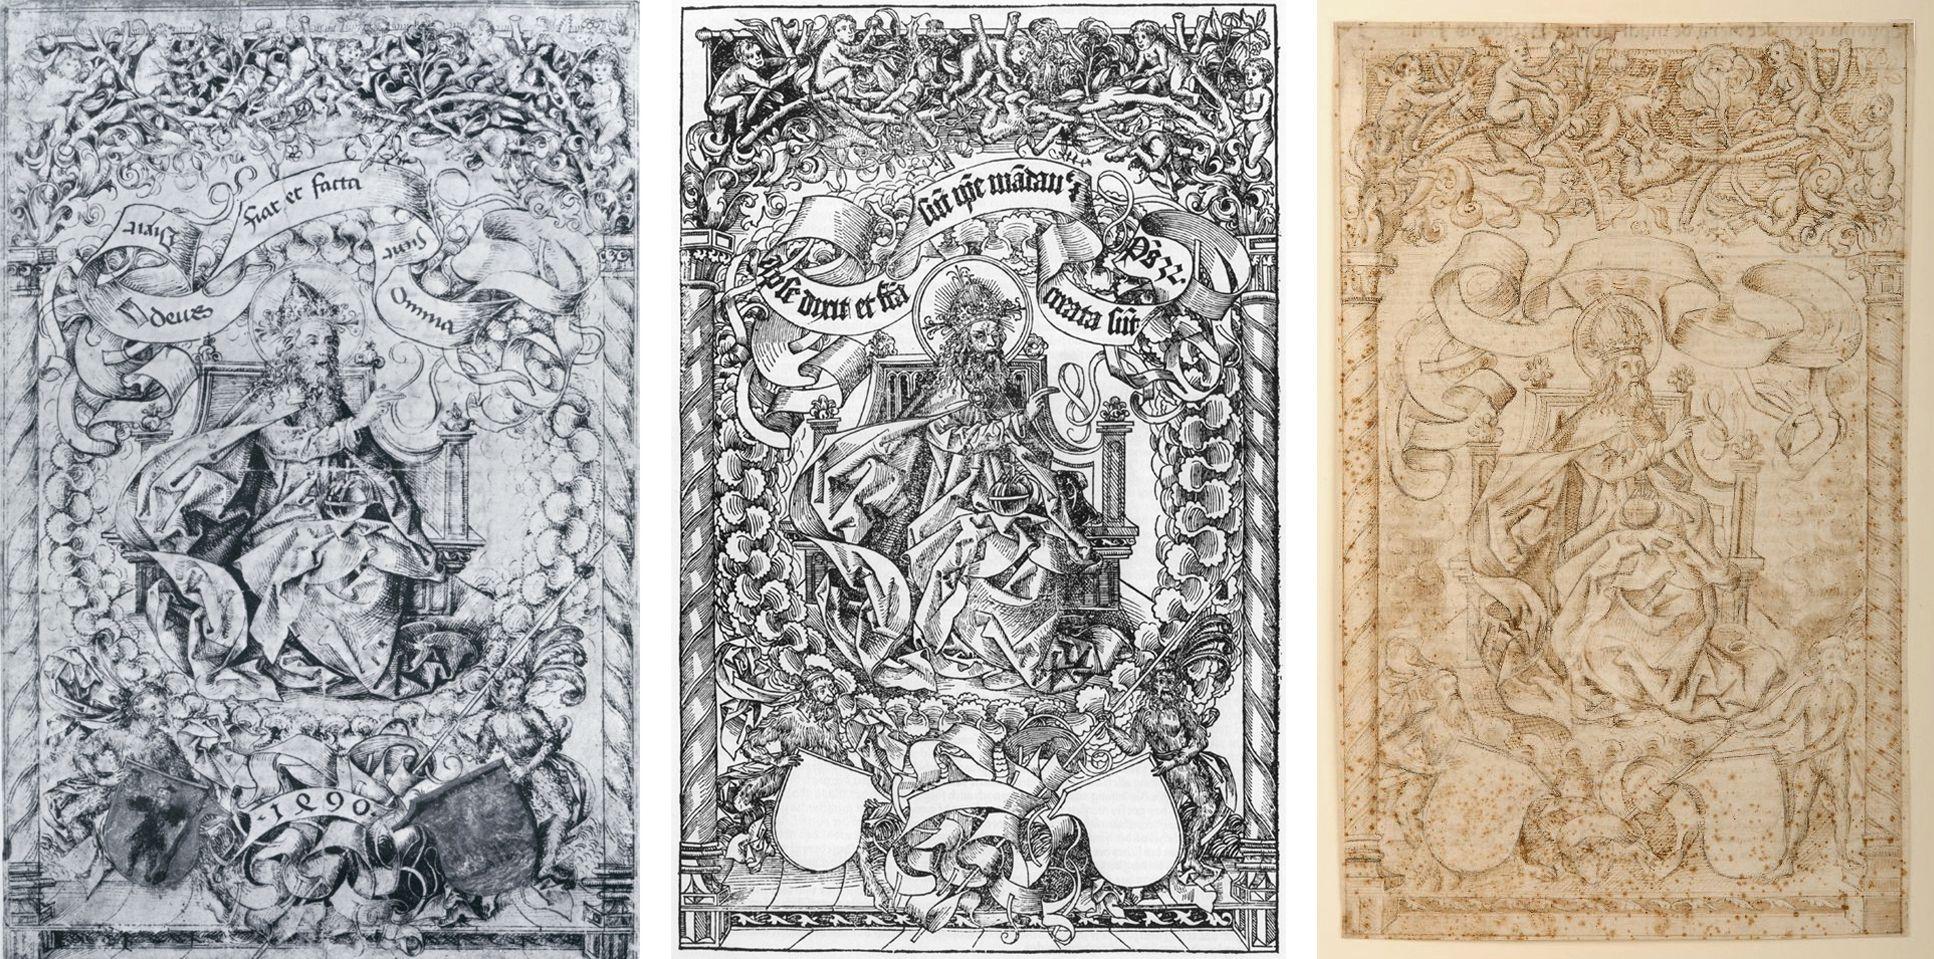 Titelbild der Schedelschen Weltchronik a: Originalzeichnung aus der Werkstatt von Michael Wolgemut, 1490. b: Titelbild der Schedelschen Weltchronik, 1493.  c:  Kopie der Urzeichnung in London, 1490er Jahre ?